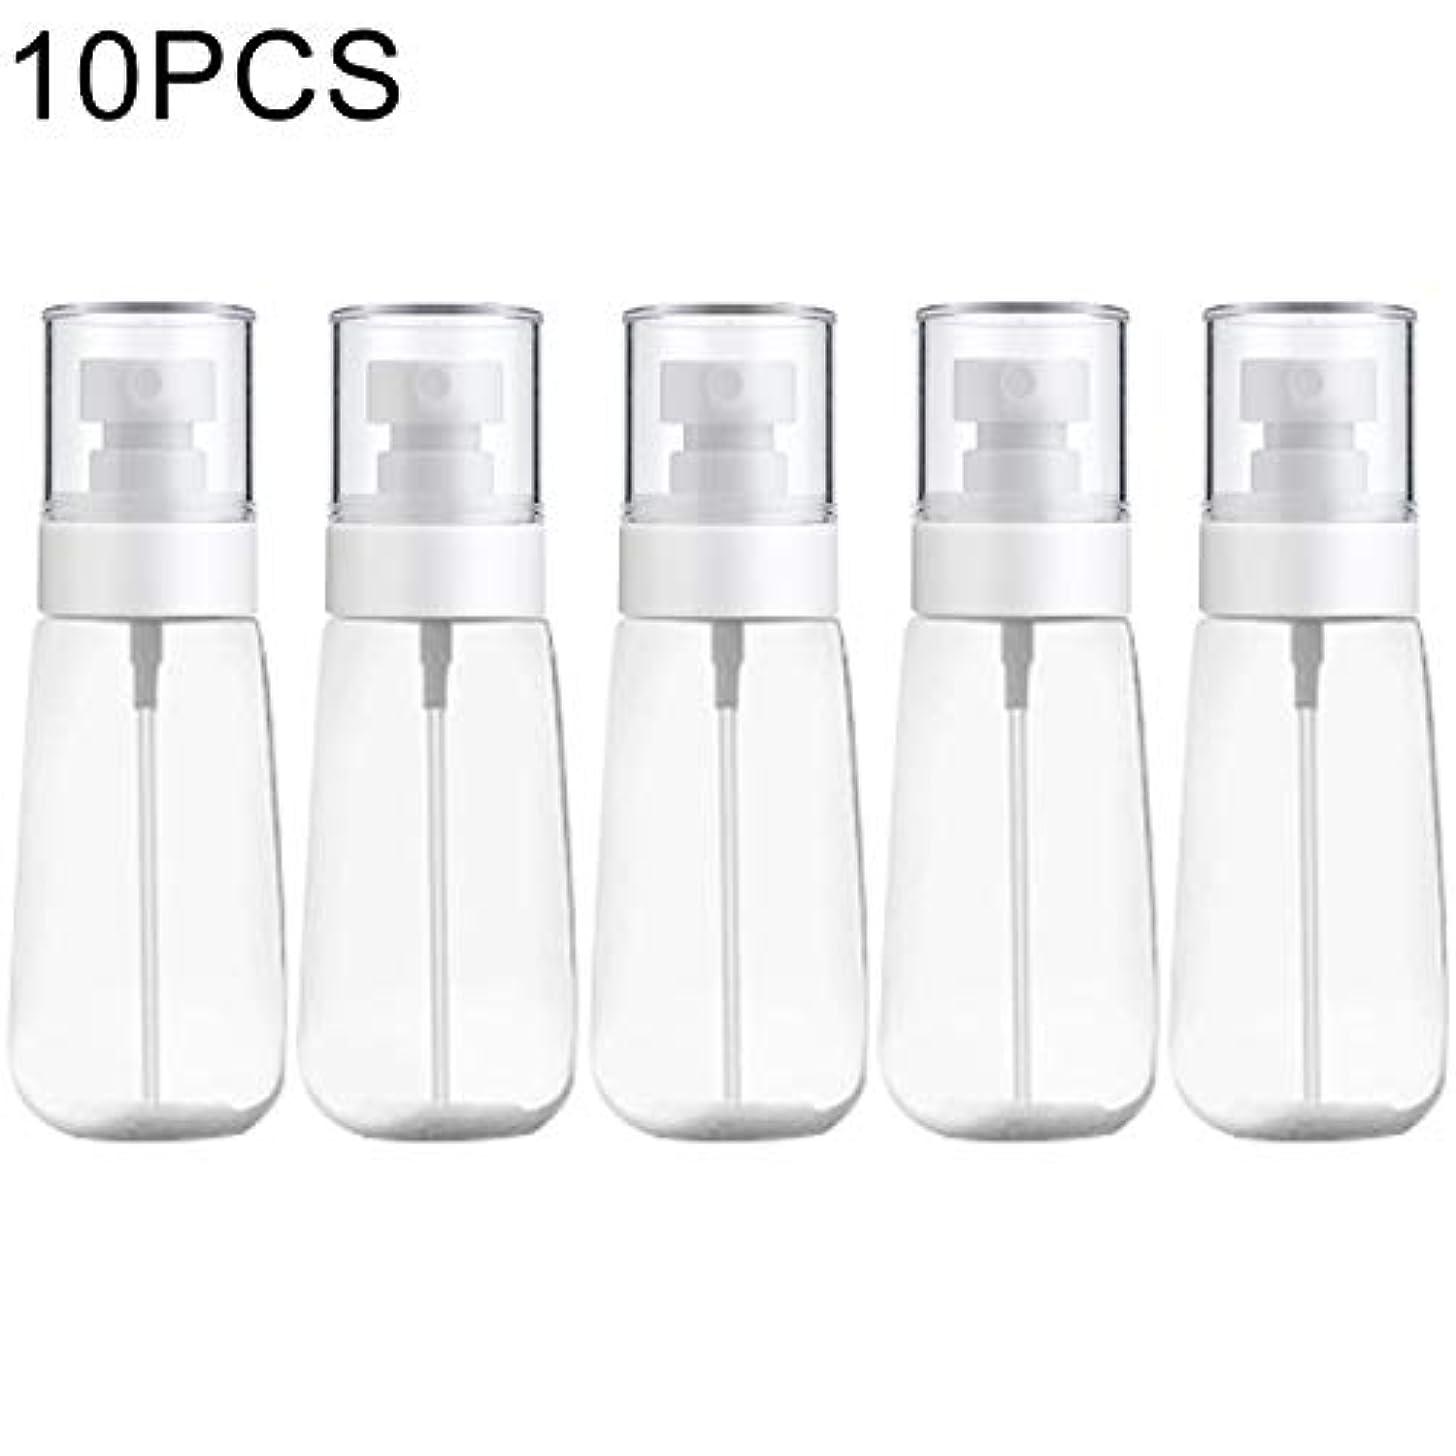 くちばしレジまたはMEI1JIA QUELLIA 10 PCSポータブル詰め替えプラスチックファインミスト香水スプレーボトル透明な空のスプレースプレーボトル、80ミリリットル(透明) (色 : Transparent)